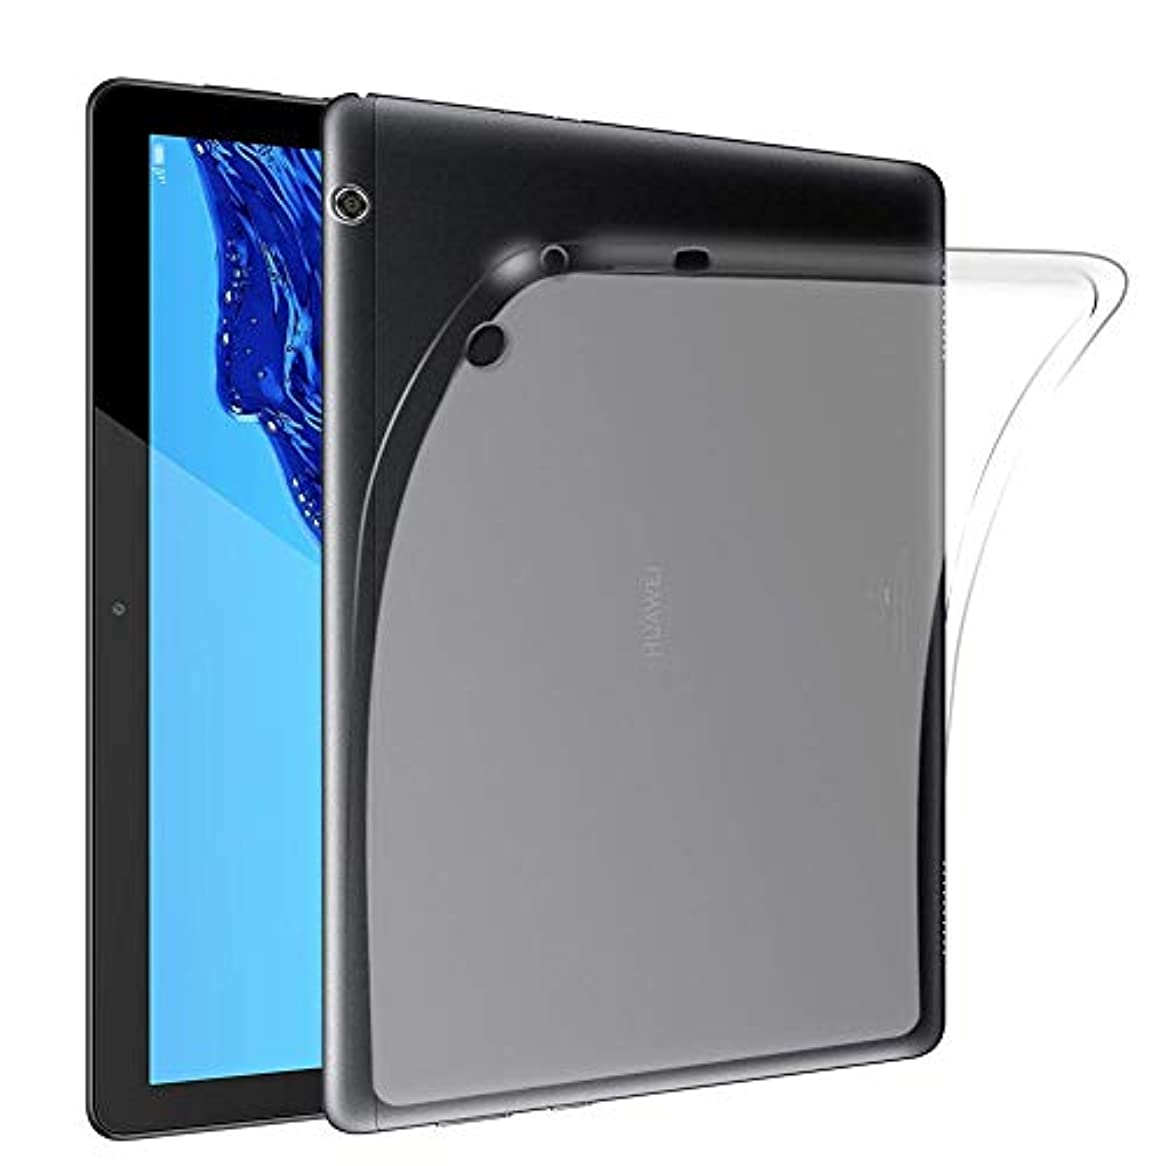 広い北ポゴスティックジャンプ【PCATEC】 Huawei MediaPad T5 10 ケース クリア 透明 TPU素材 保護カバー新型 Huawei T5 10 専用 背面ケース 超軽量 極薄落下防止